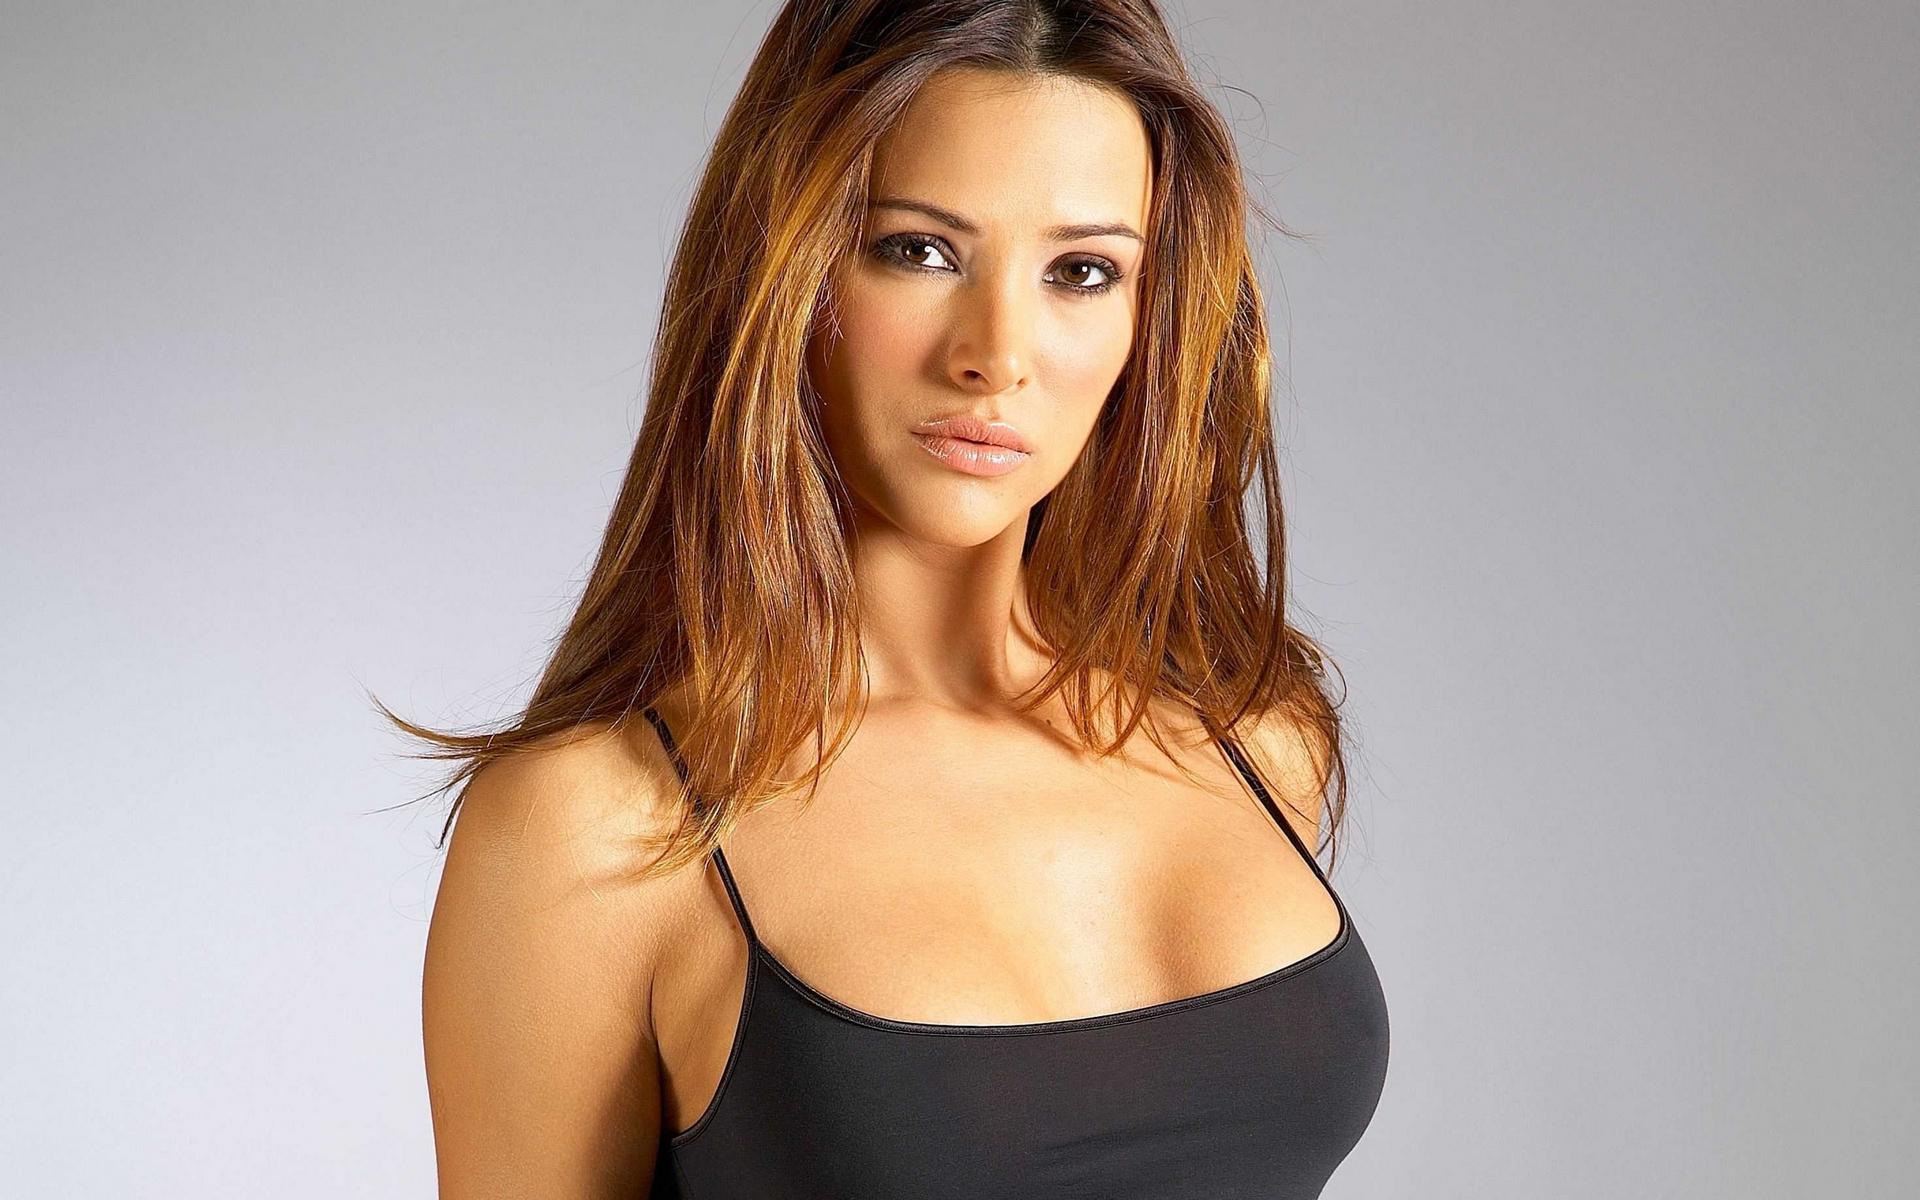 они самые красивые женские груди в мире стажерданный курьезный кино